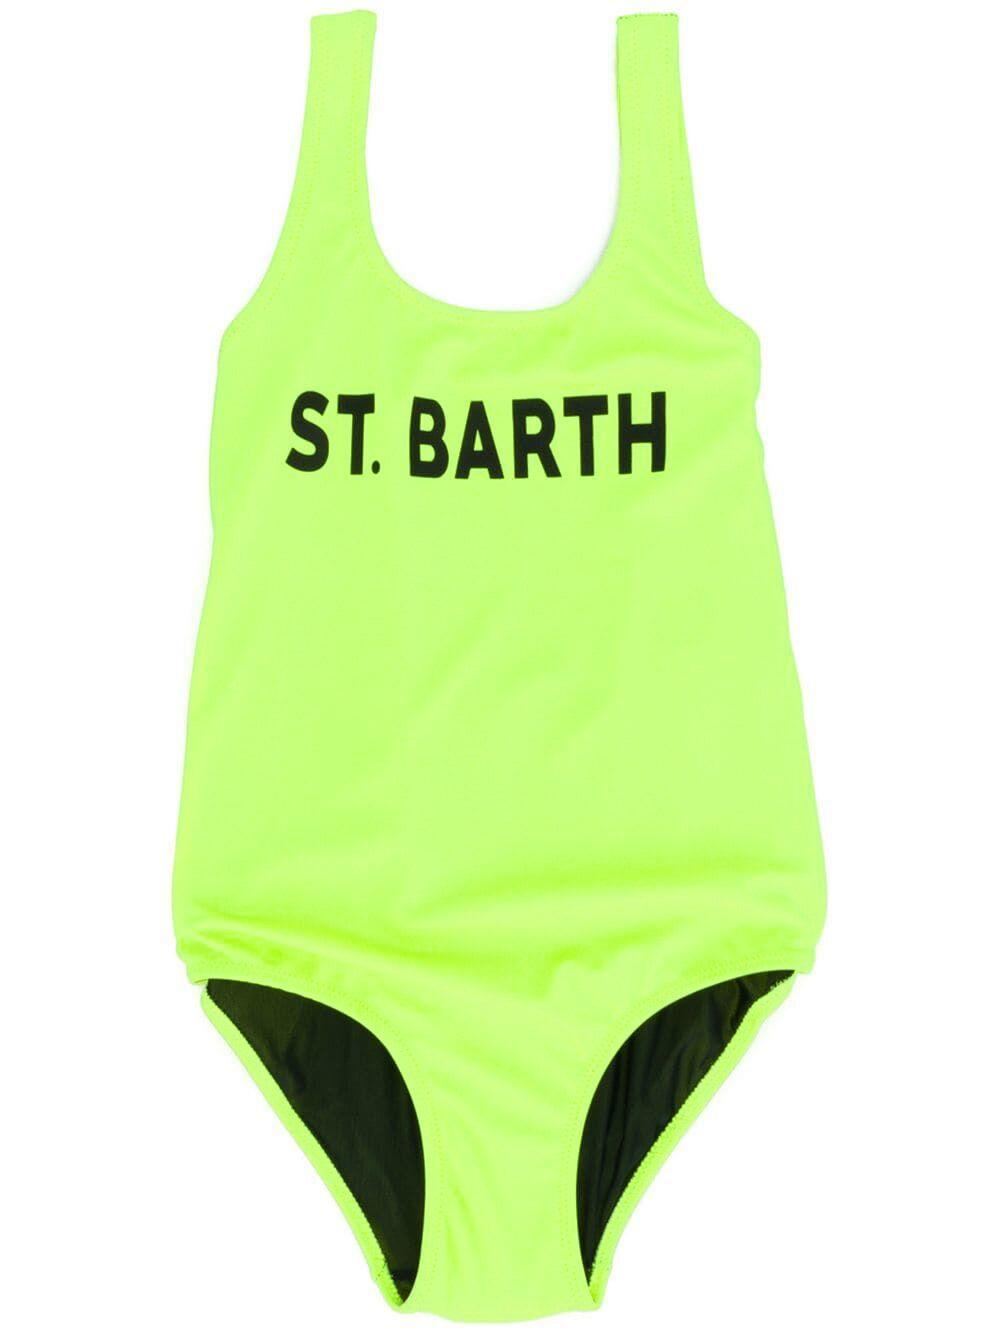 Costume Intero Giallo Fluo Stampa St. Barth - MC2 Saint Barth Junior